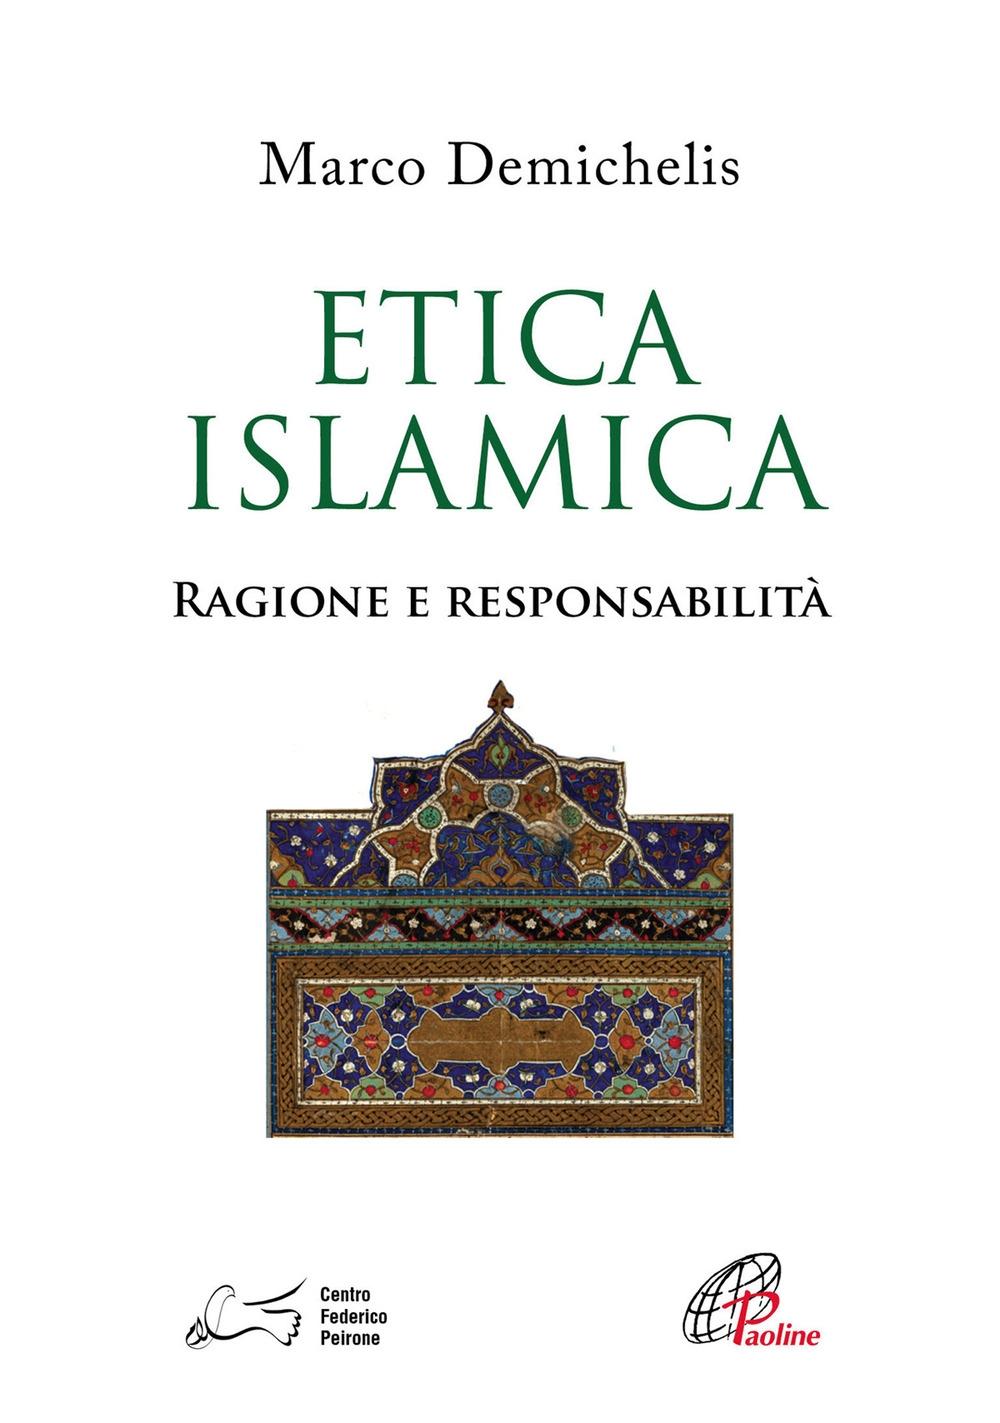 Etica islamica. Ragione e responsabilità.